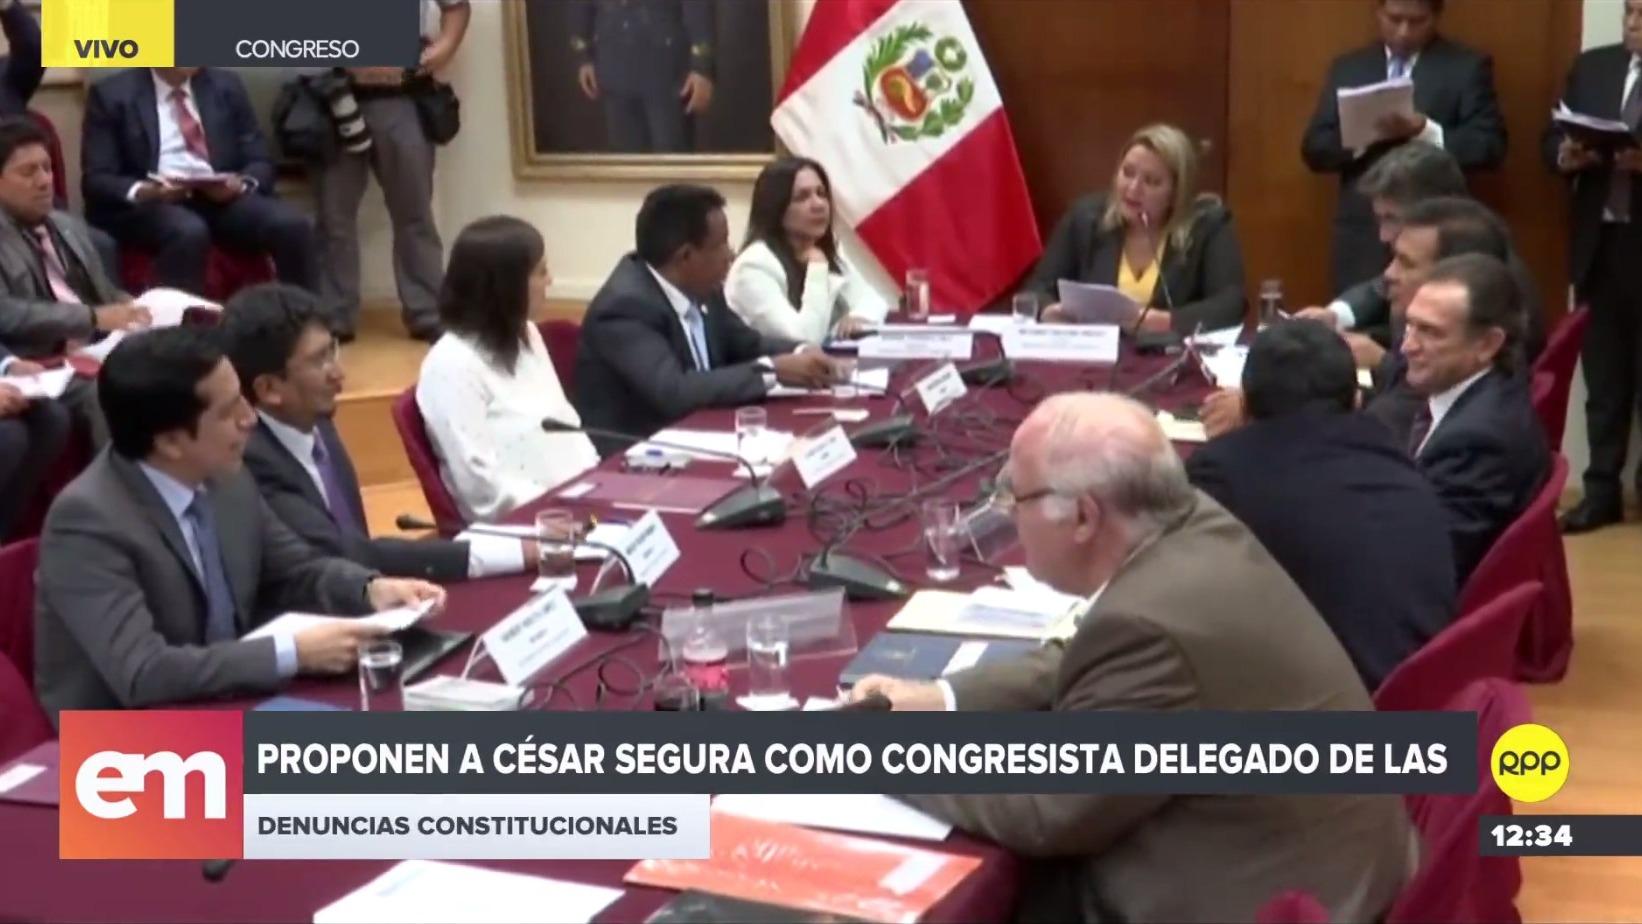 Subcomisión de Acusaciones Constitucionales definió quién dirigirá investigación contra Kenji Fujimori.